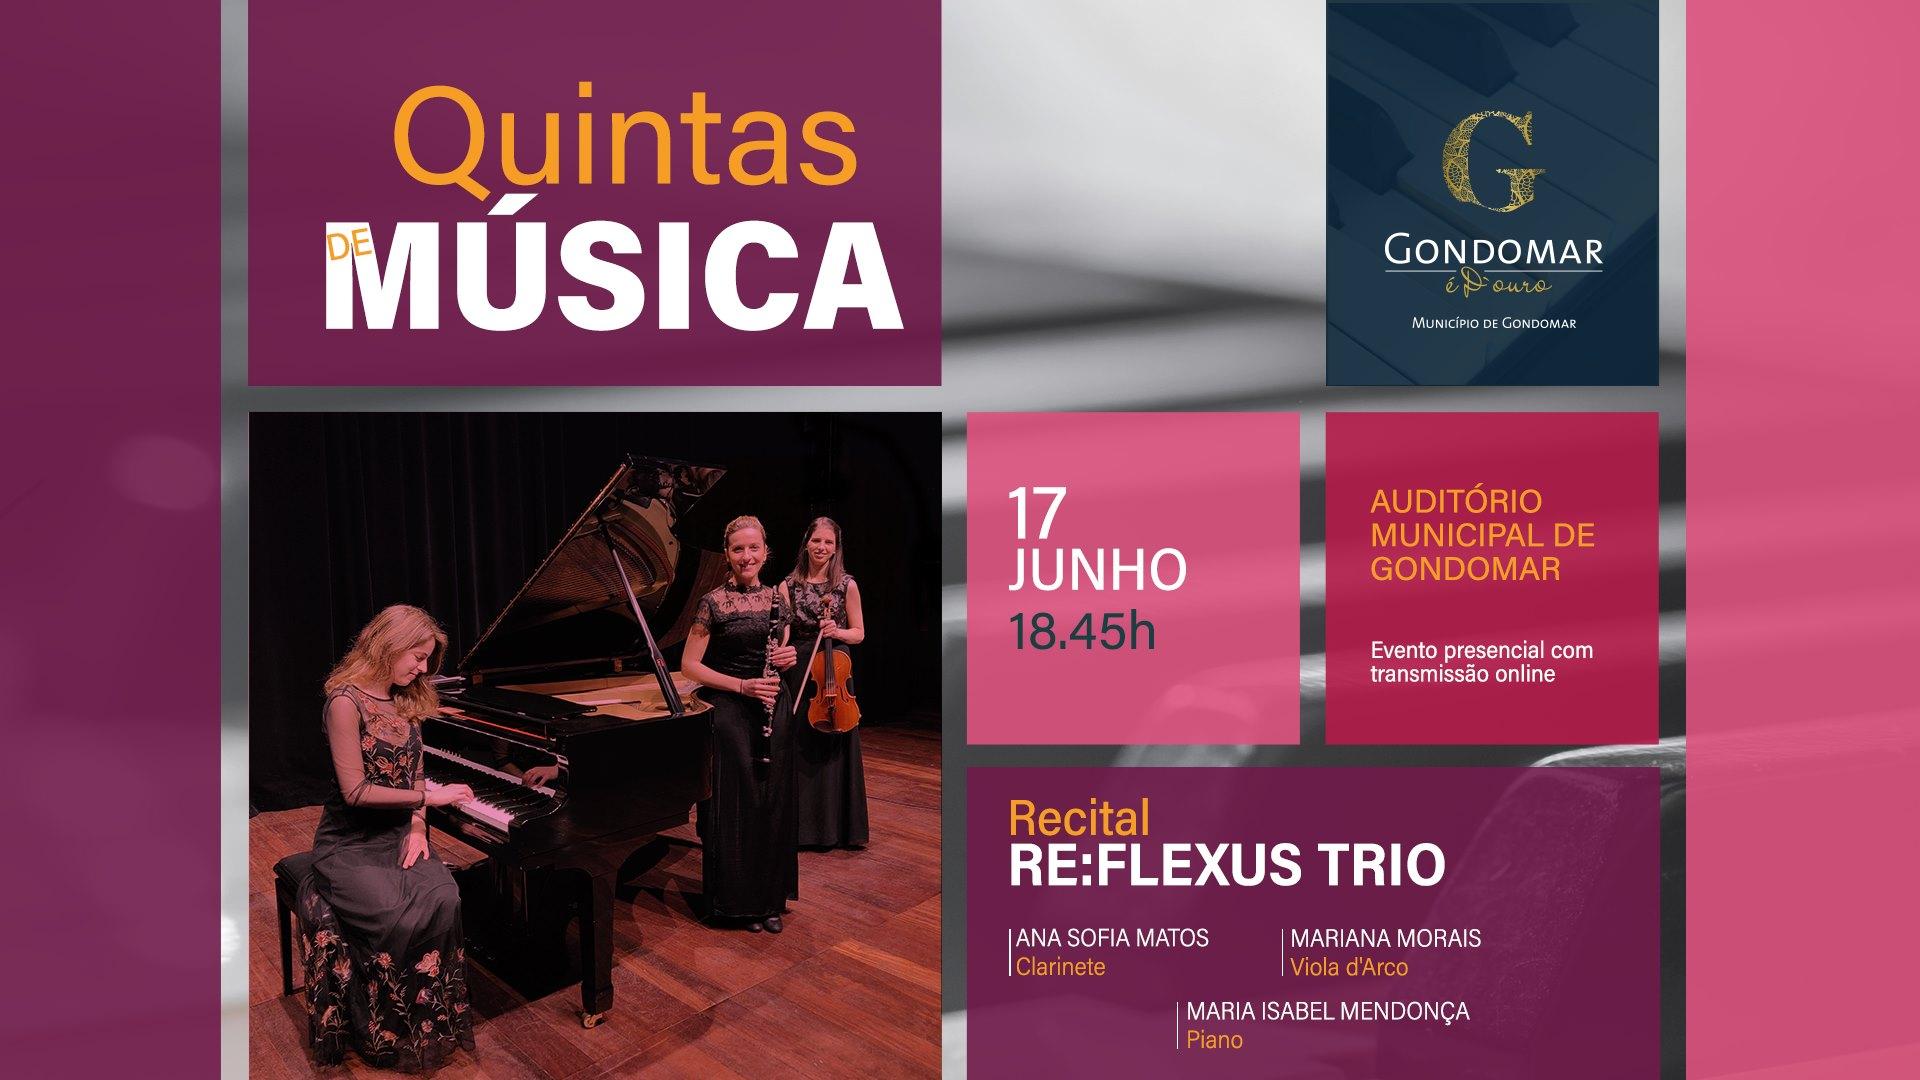 Quintas de Música   Re:Flexus Trio